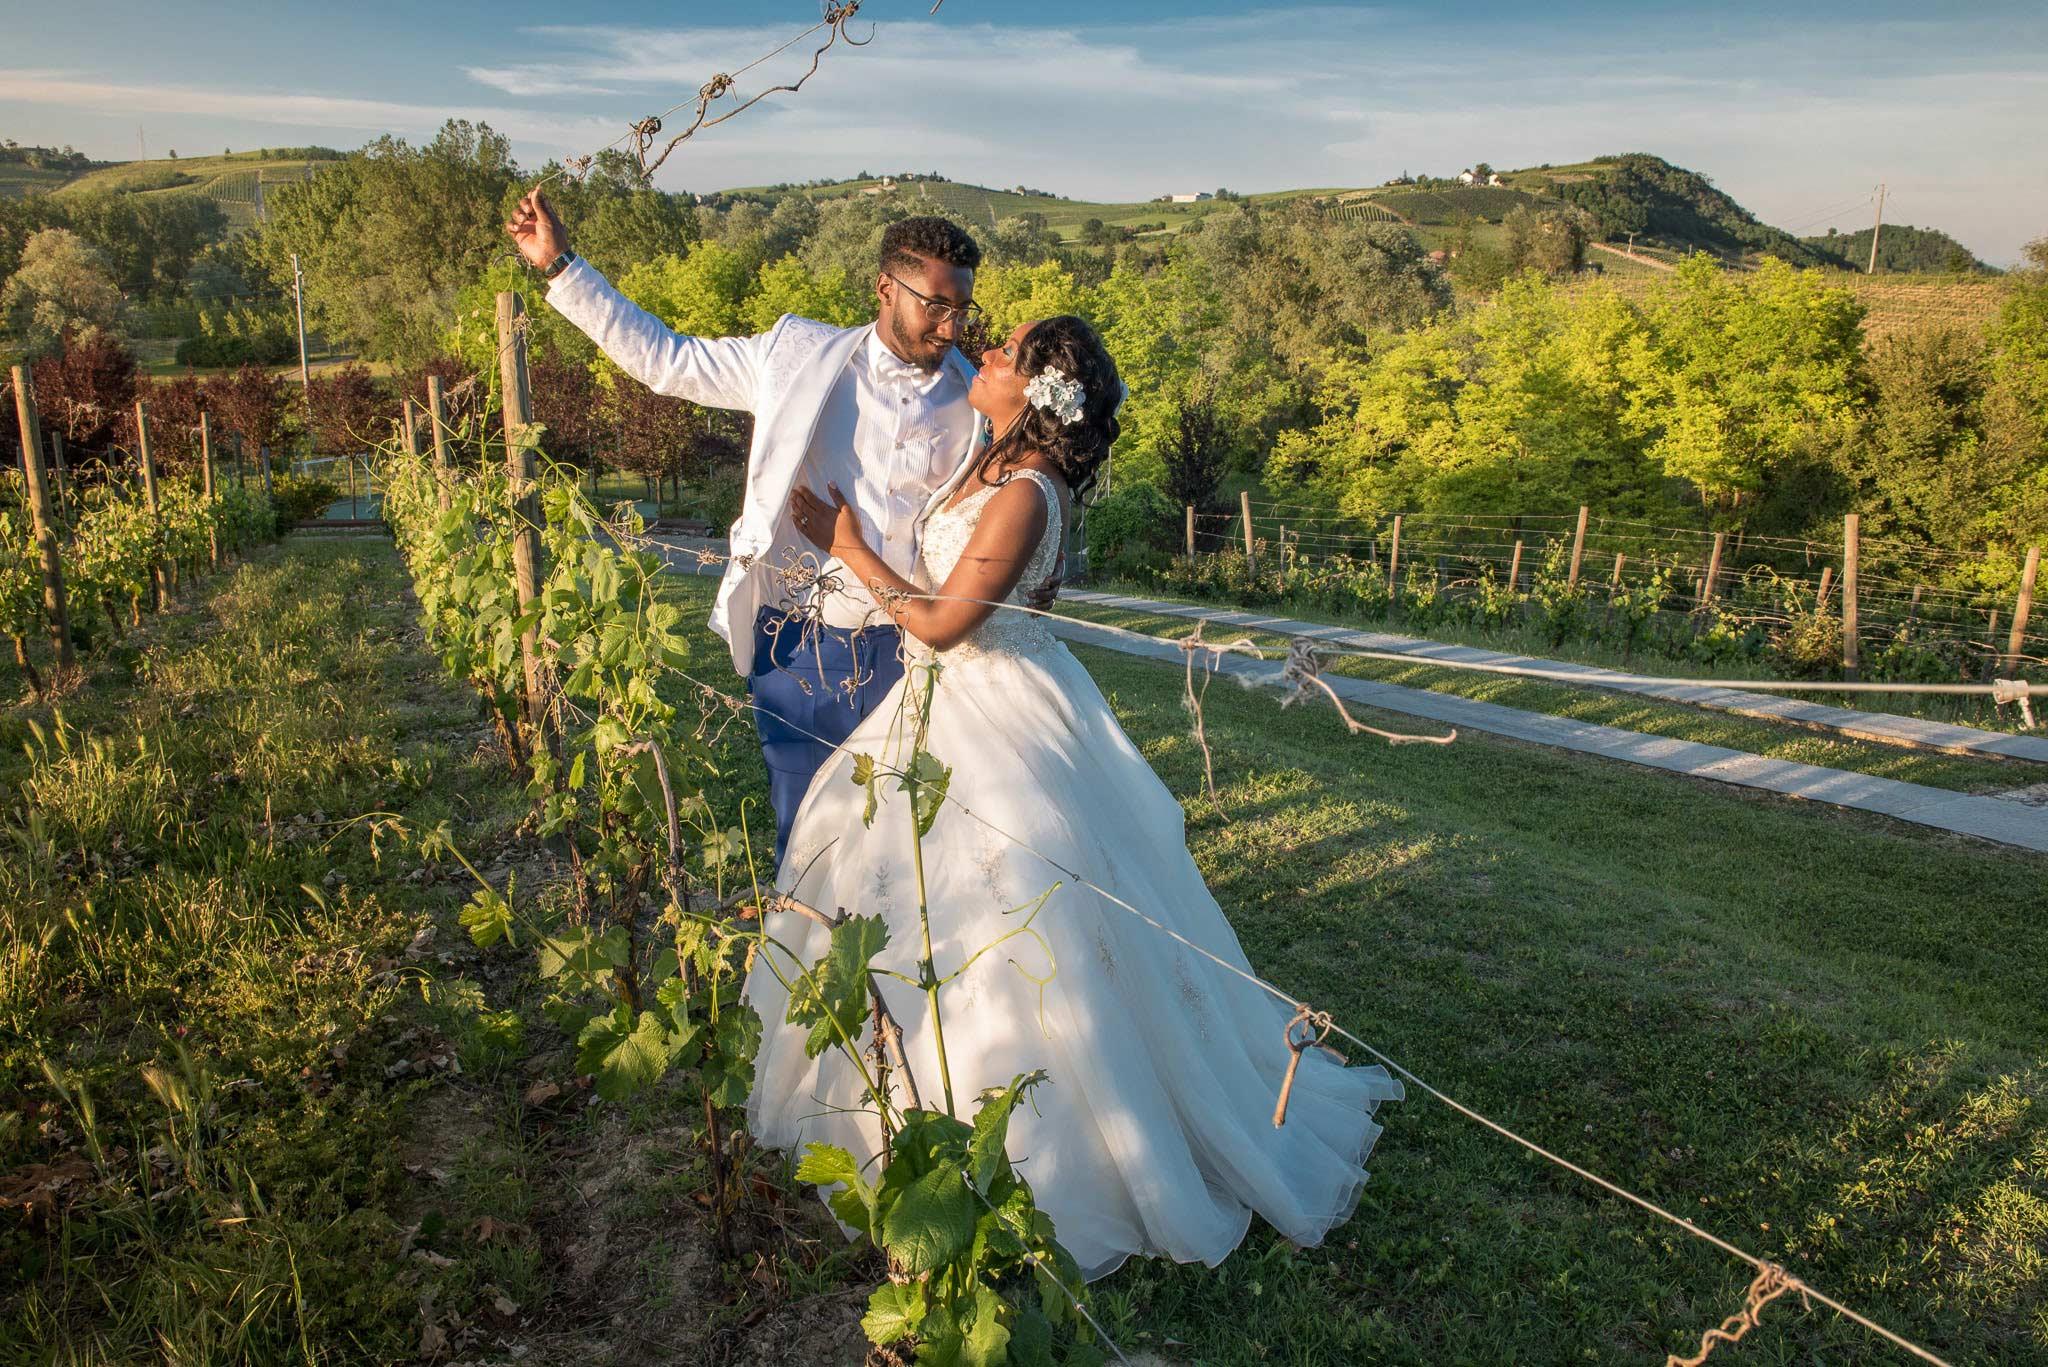 Matrimonio Bra Sonia Antonio - Wdding Matrimono Emanuele Tibaldi Fotografo 35 - Matrimonio-in-vigna - Matrimonio-in-vigna